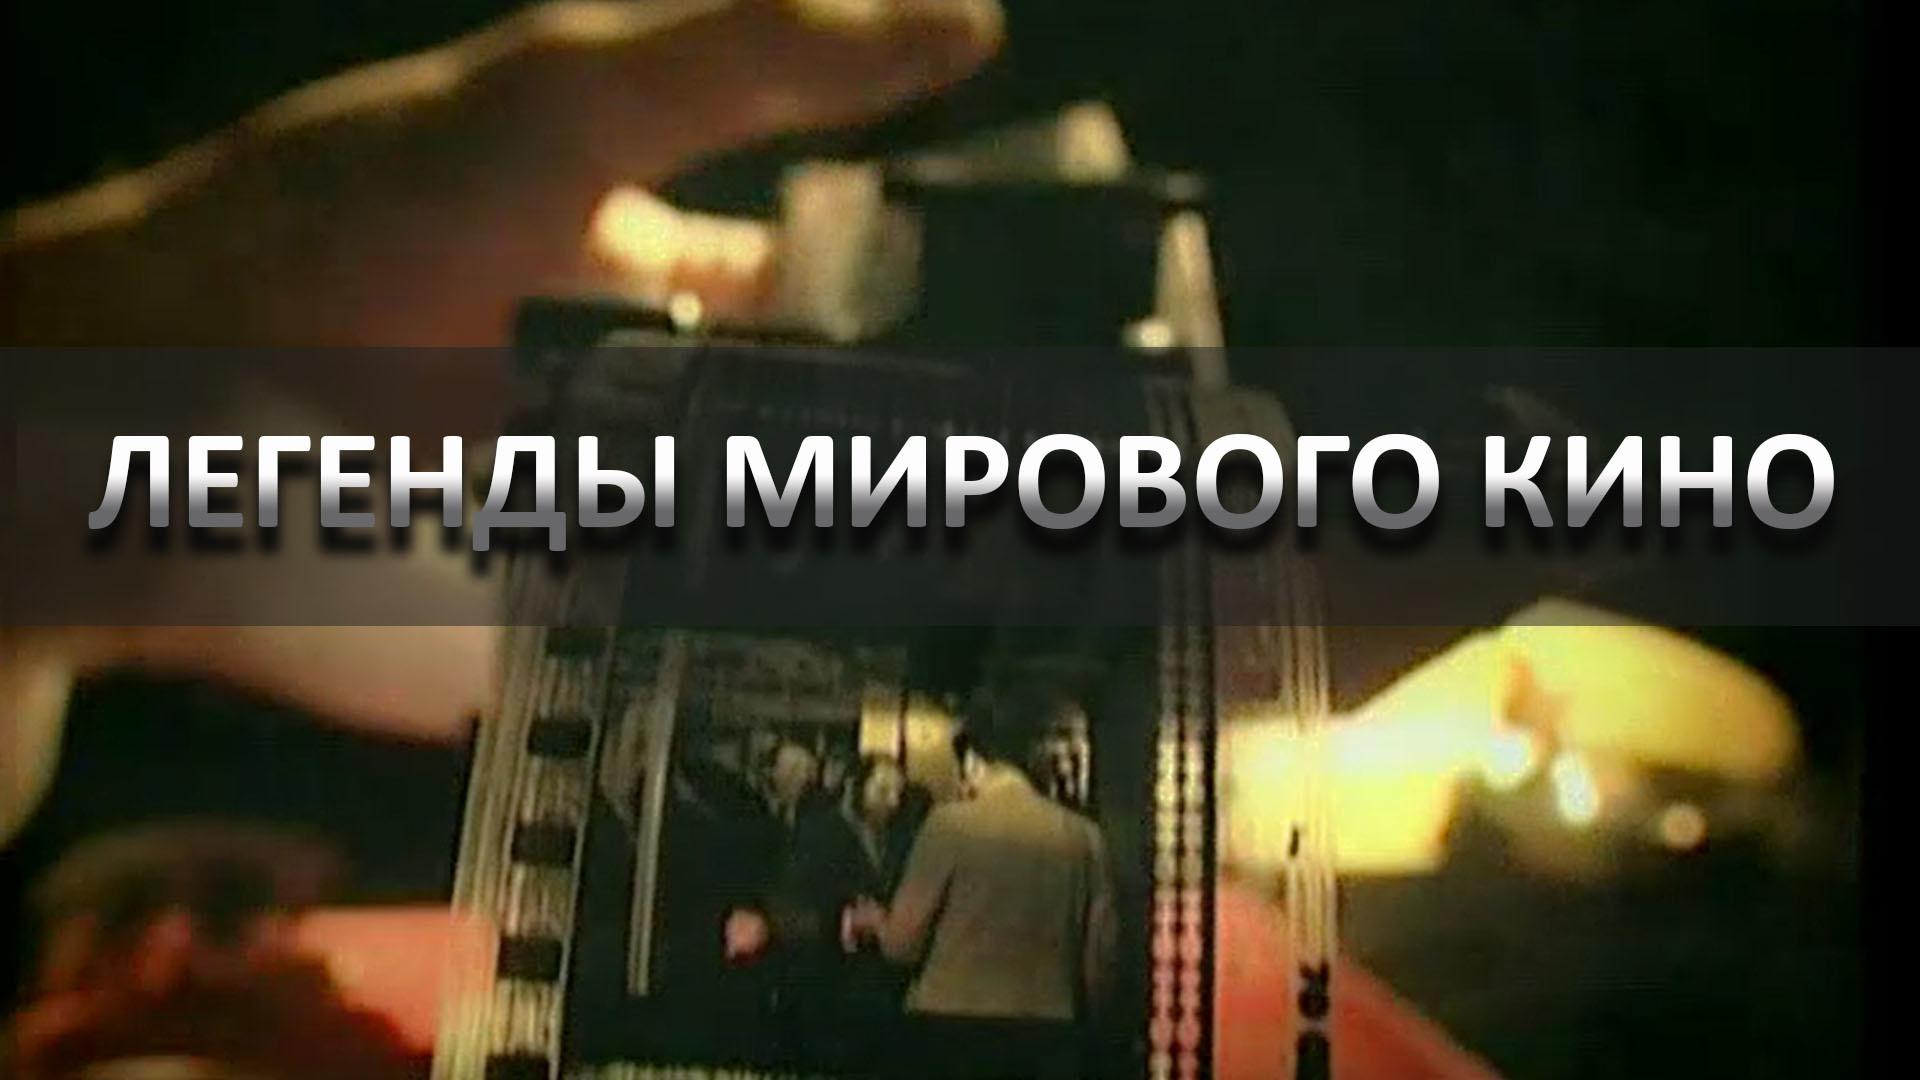 Легенды мирового кино